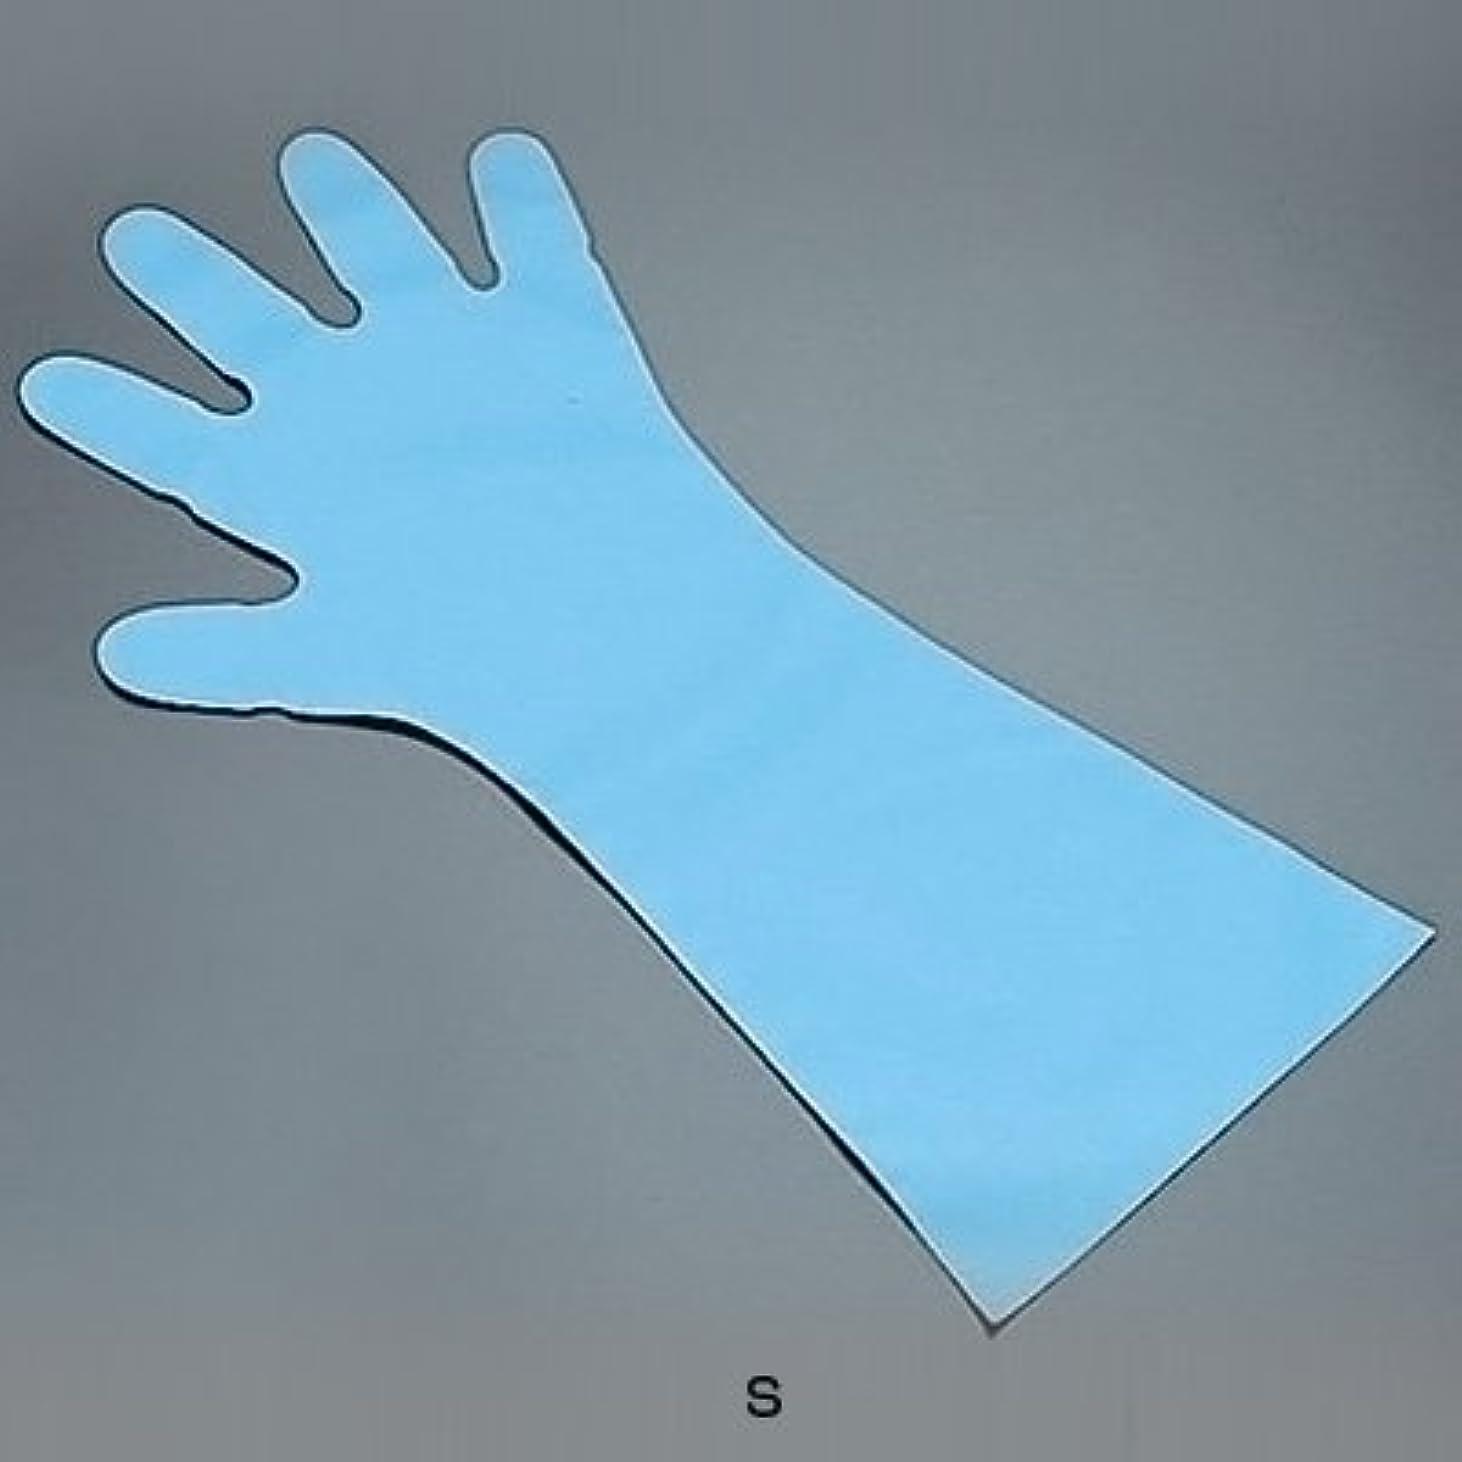 納税者物理的にマイルドエンボス手袋 五本絞り ロング#50 (1袋50枚入) S 全長45cm <ブルー>